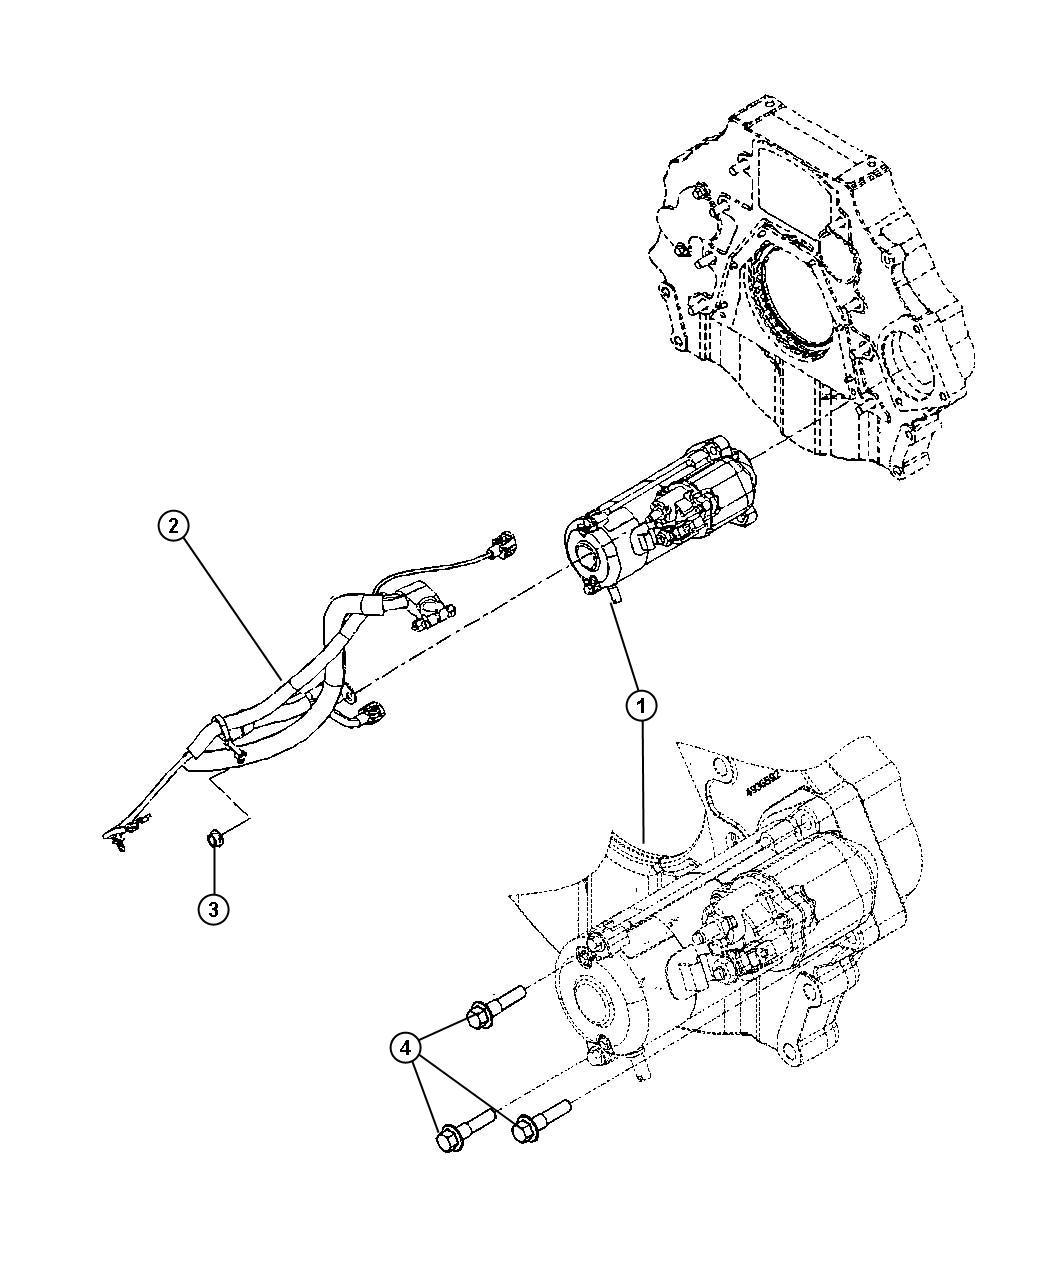 2011 Dodge Ram 3500 Wiring. Starter. Emissions, export